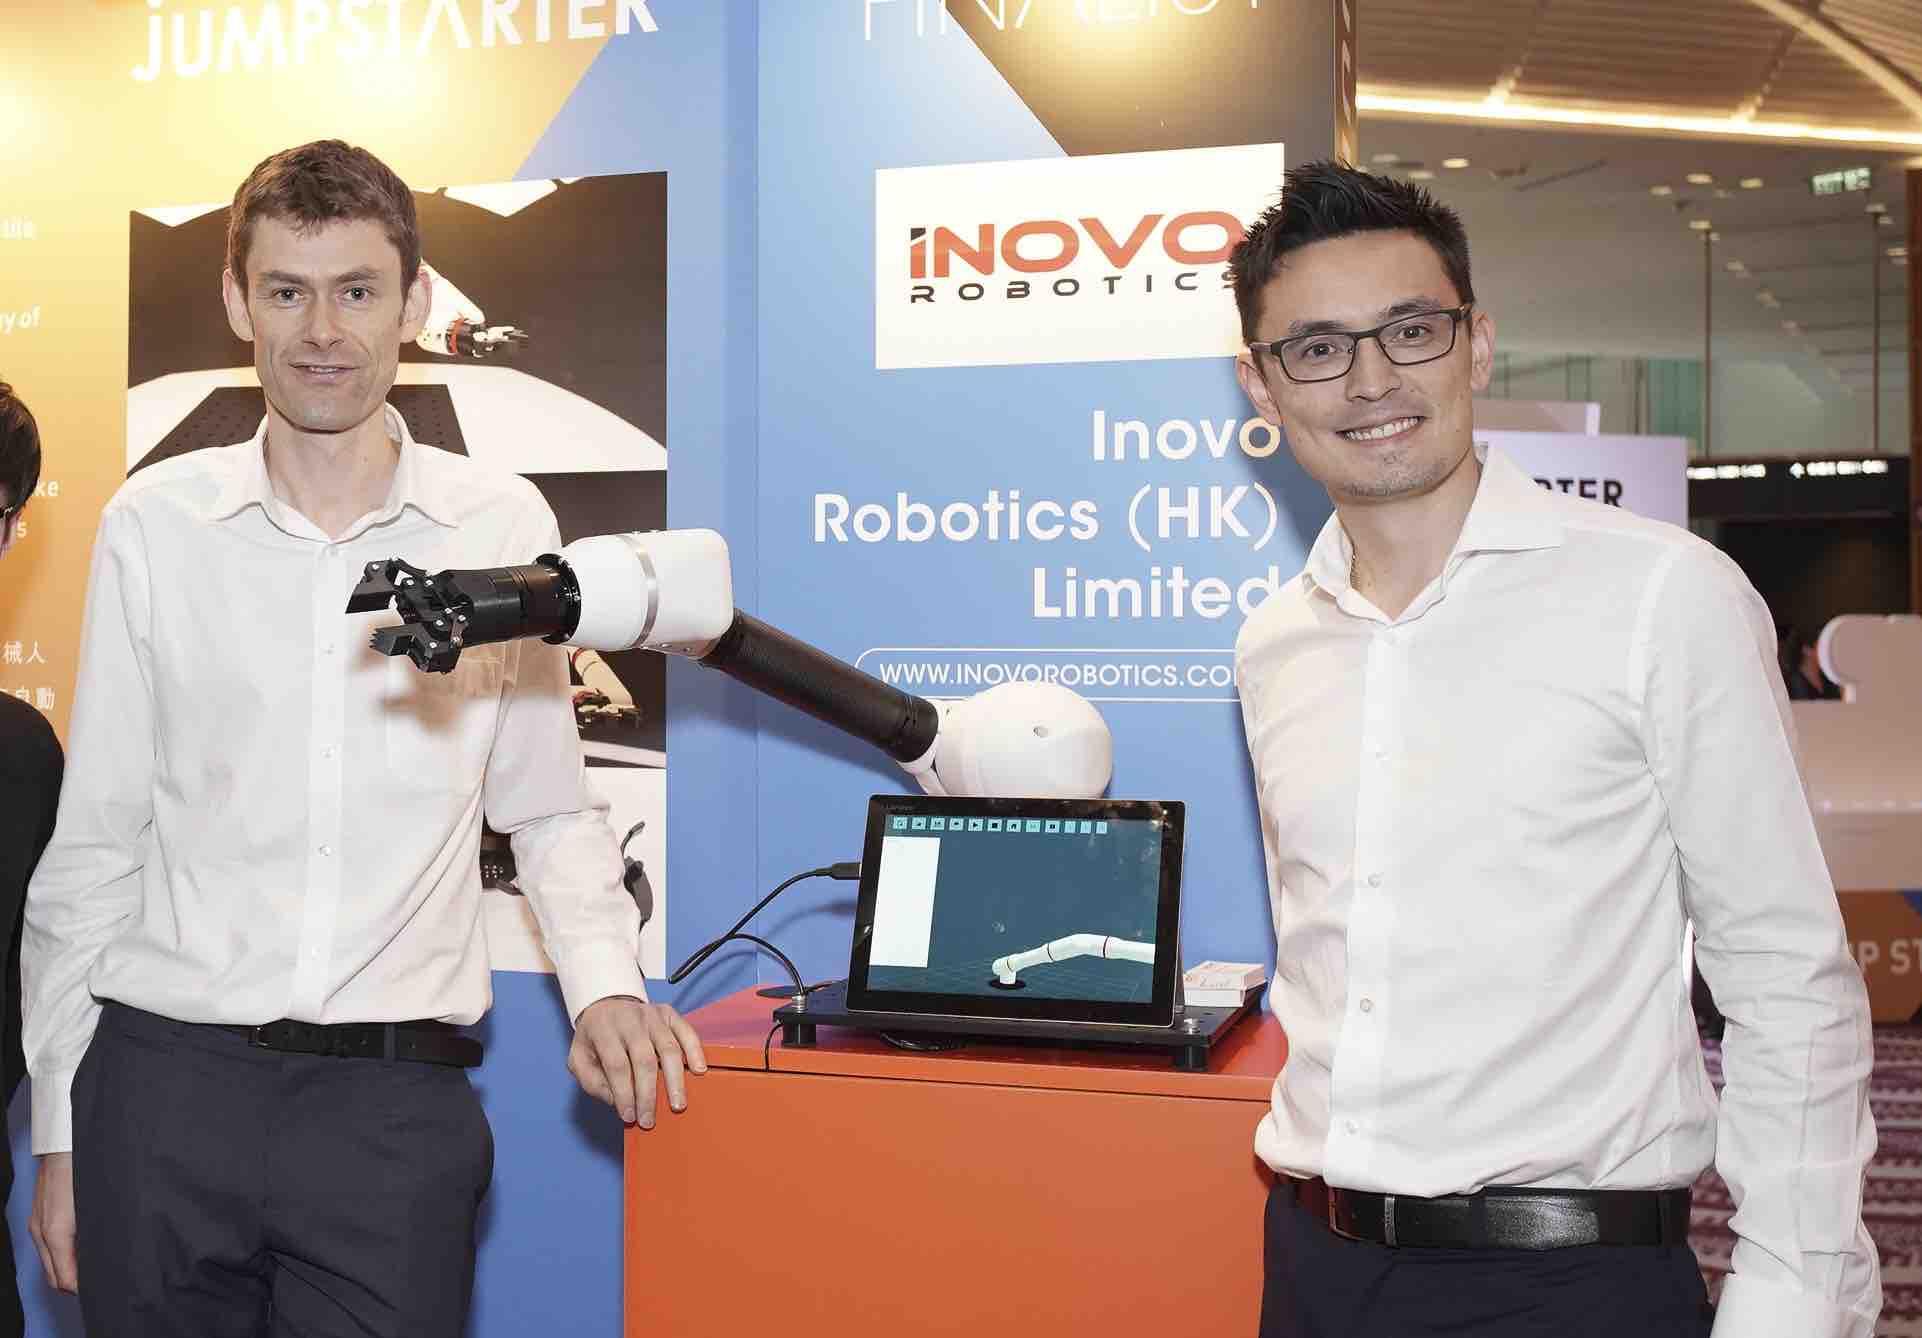 Henry Wood Inovo Robotics